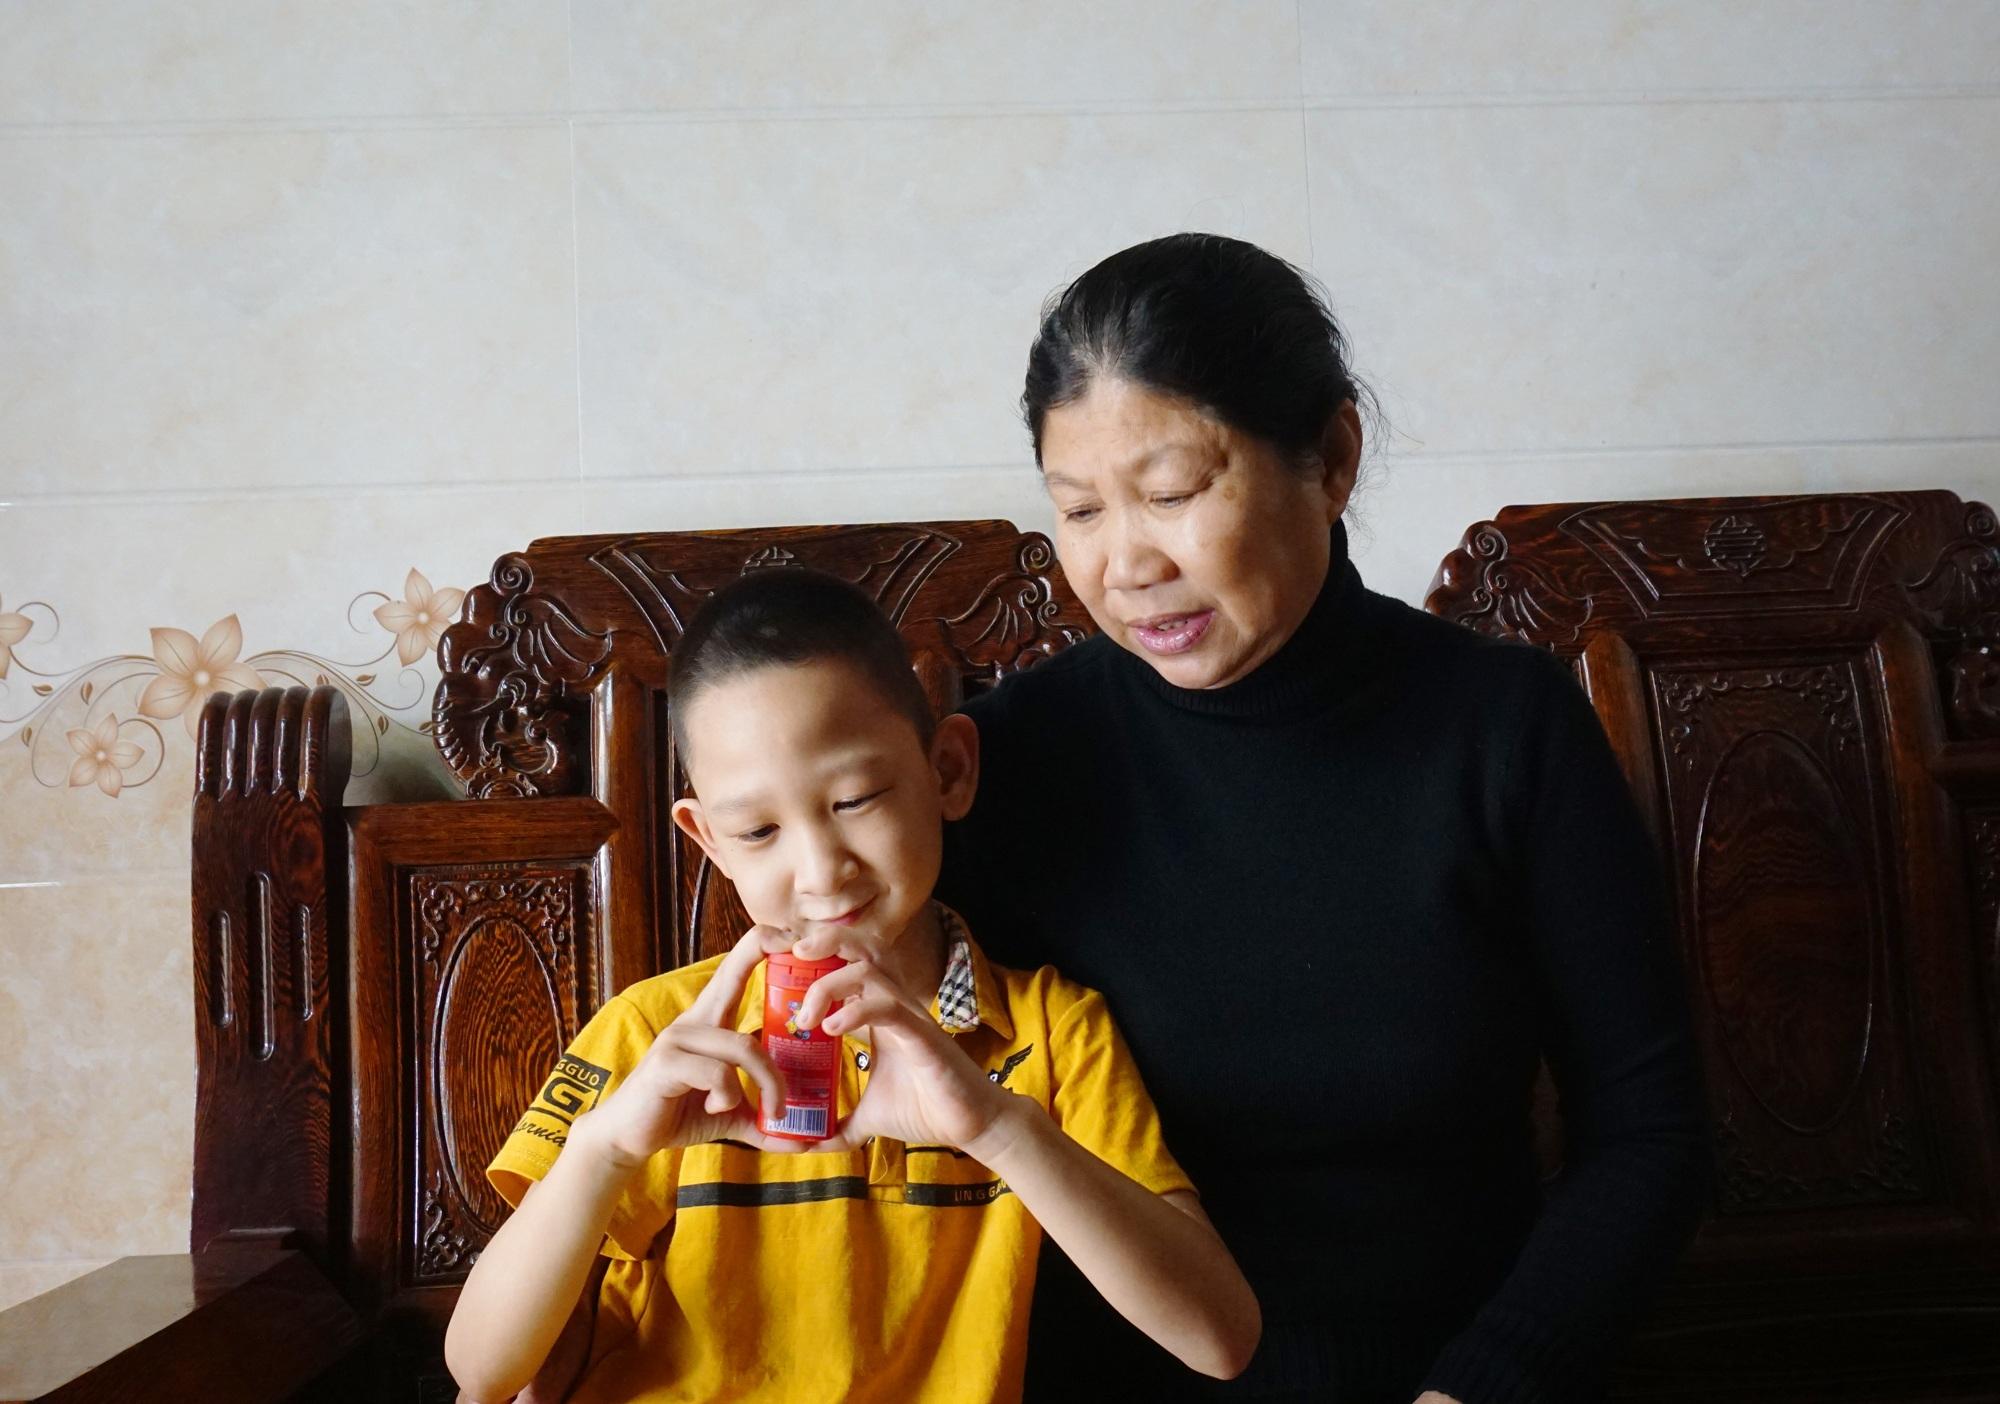 Hành trình hồi sinh đầy gian nan của cậu bé đa dị tật 2 lần bị bỏ rơi - 4